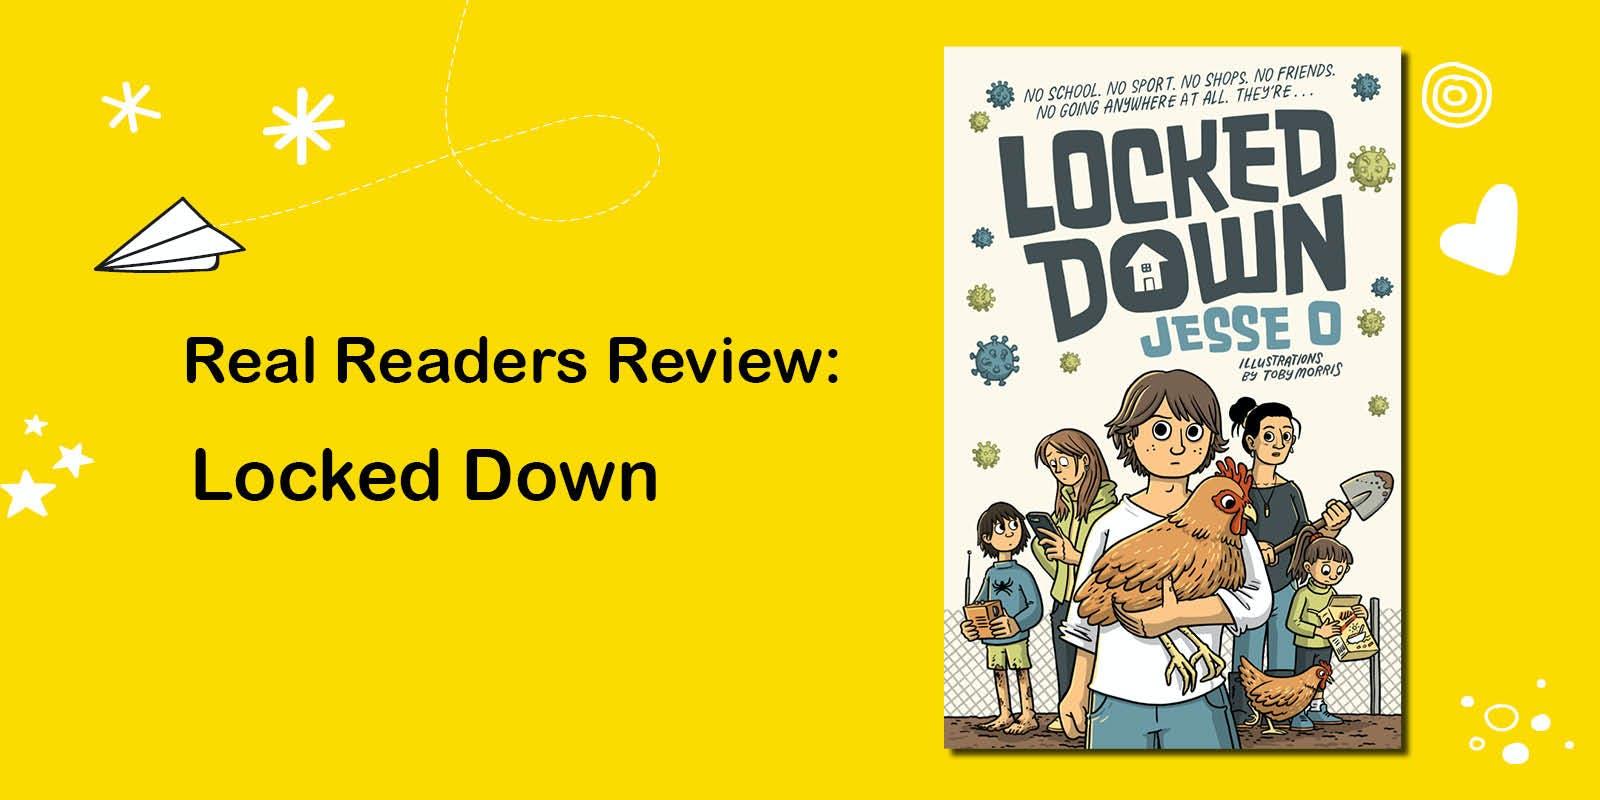 Locked Down: Real Reader Reviews